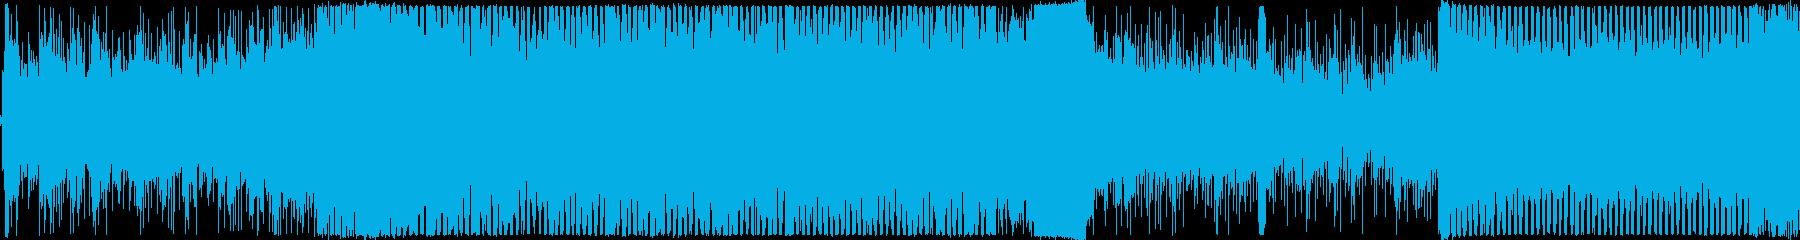 戦闘をイメージさせるトランスの再生済みの波形